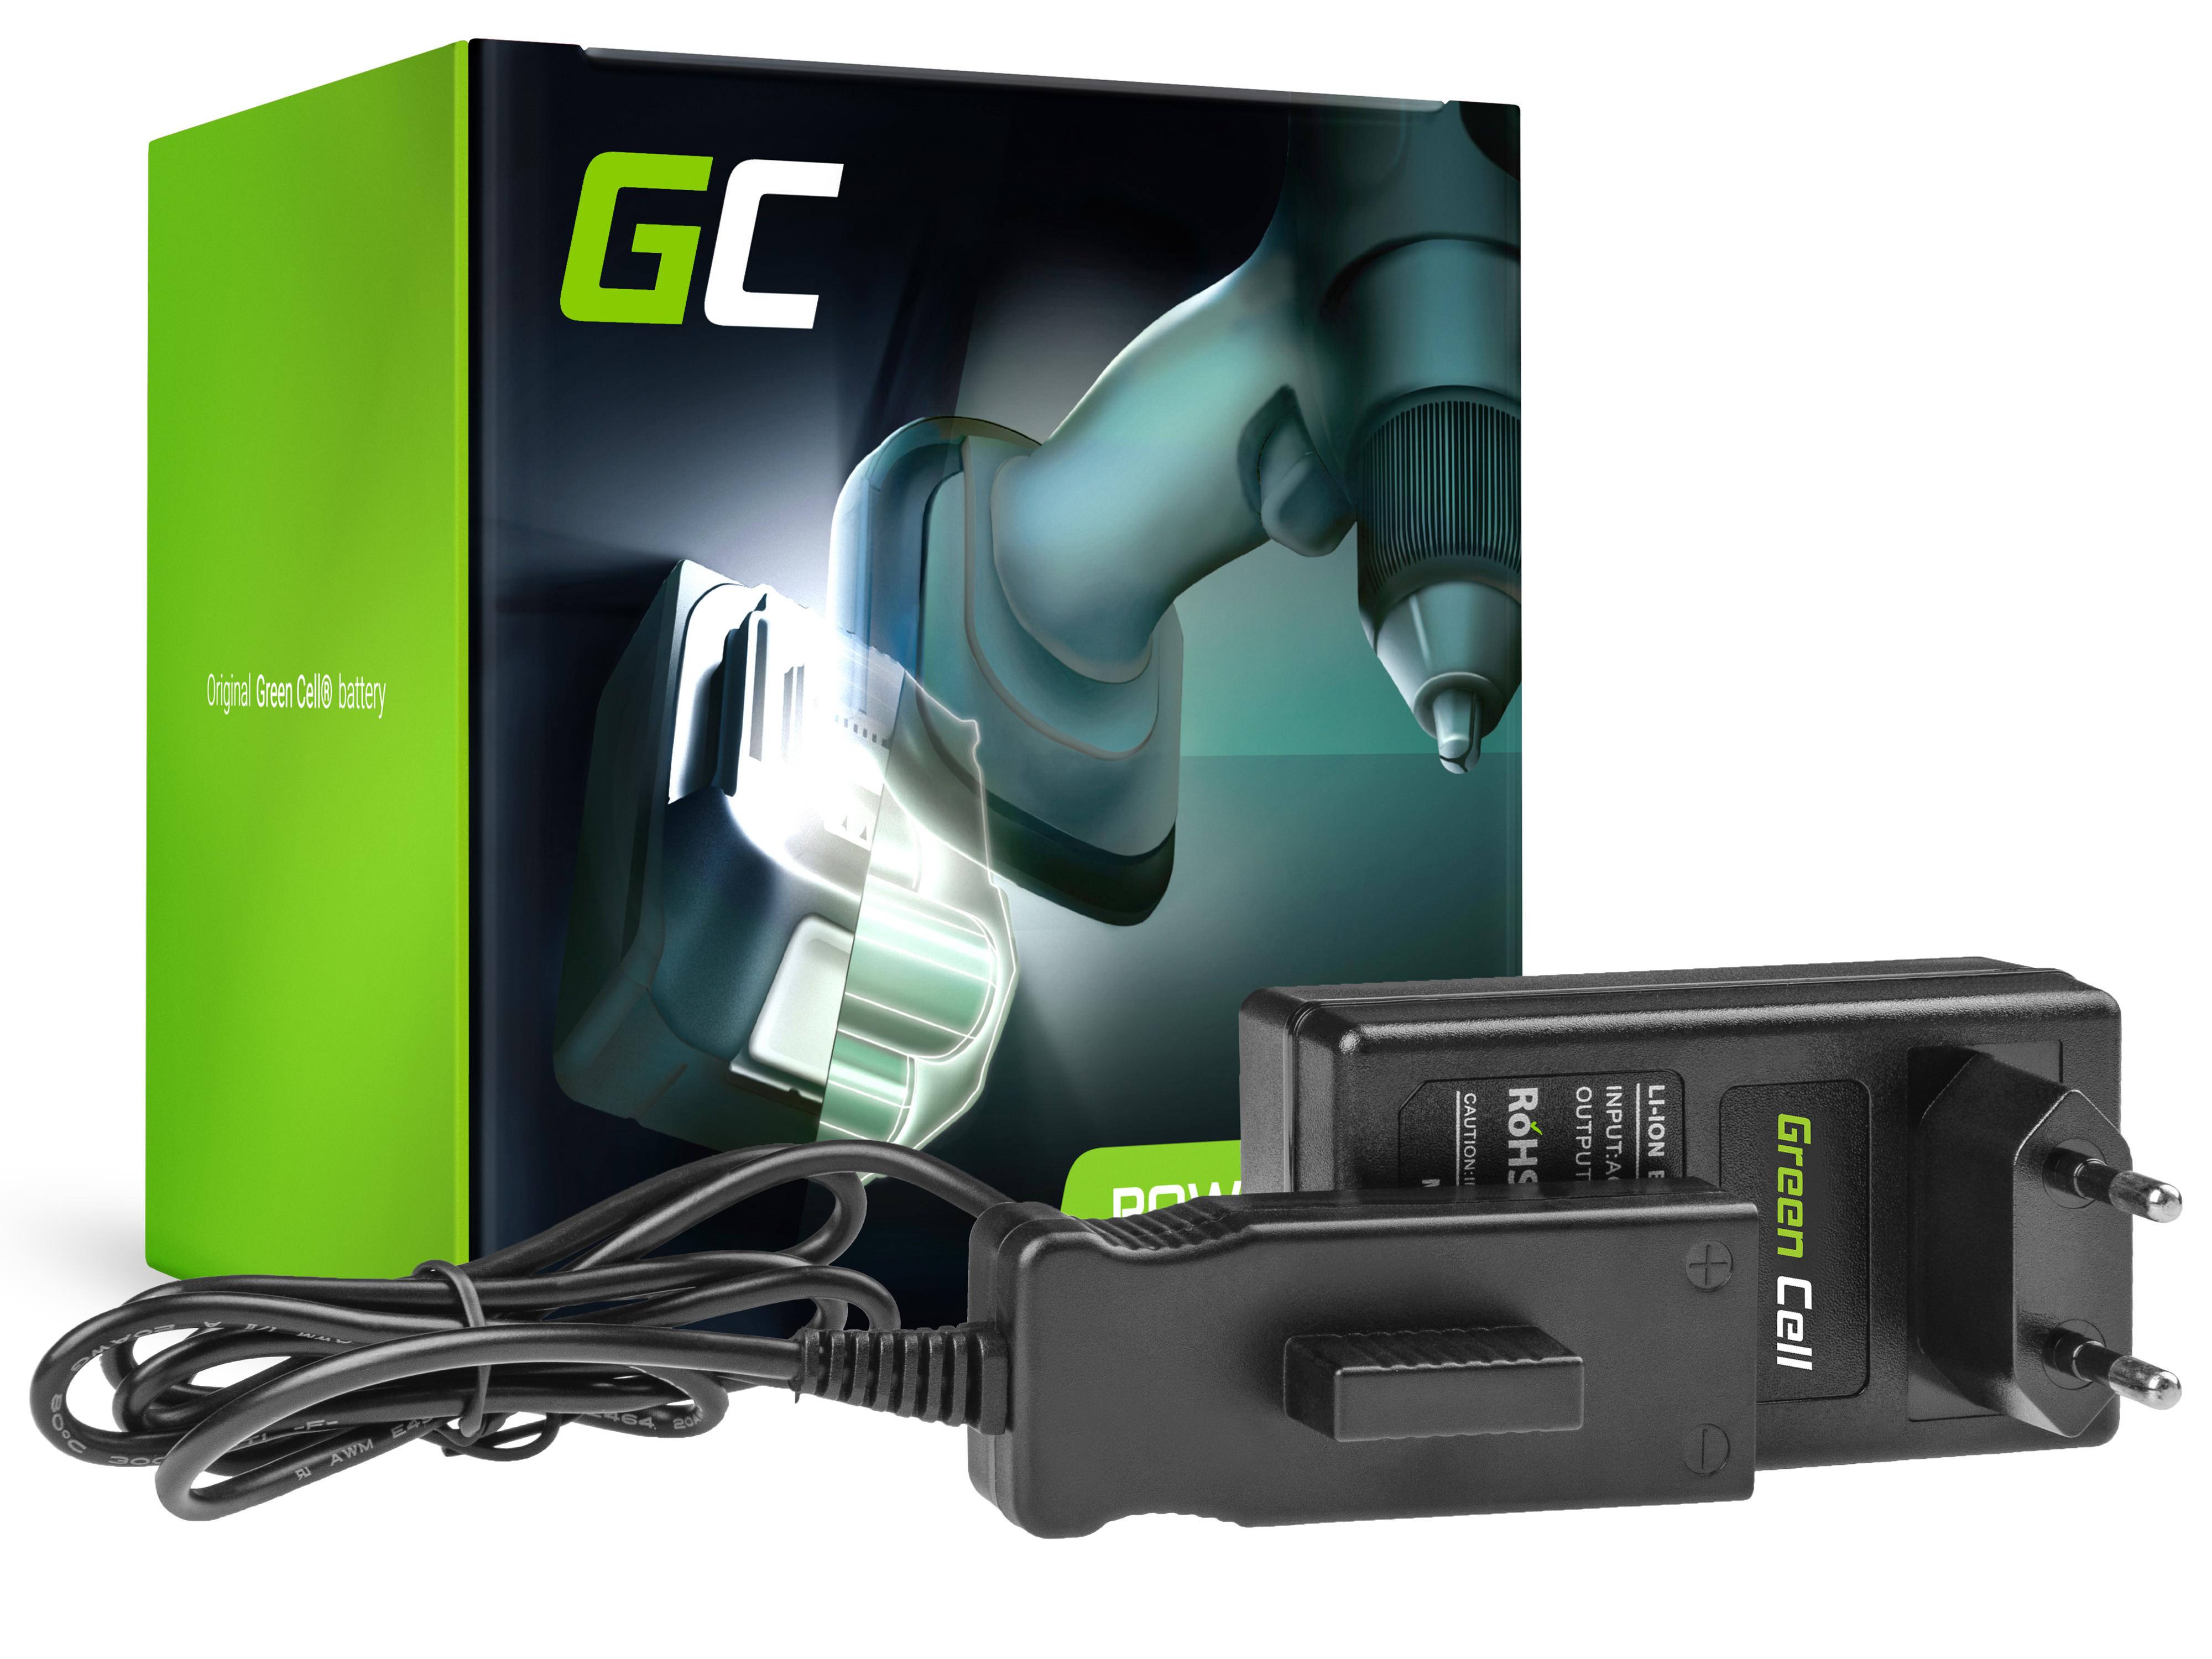 Green Cell CHARGPT12 Nabíječka pro Gardena Bli-18 8832-20 09839-20 9839 9333 9839-20 9840 9840-20 BLi-18 AccuCut Li 450